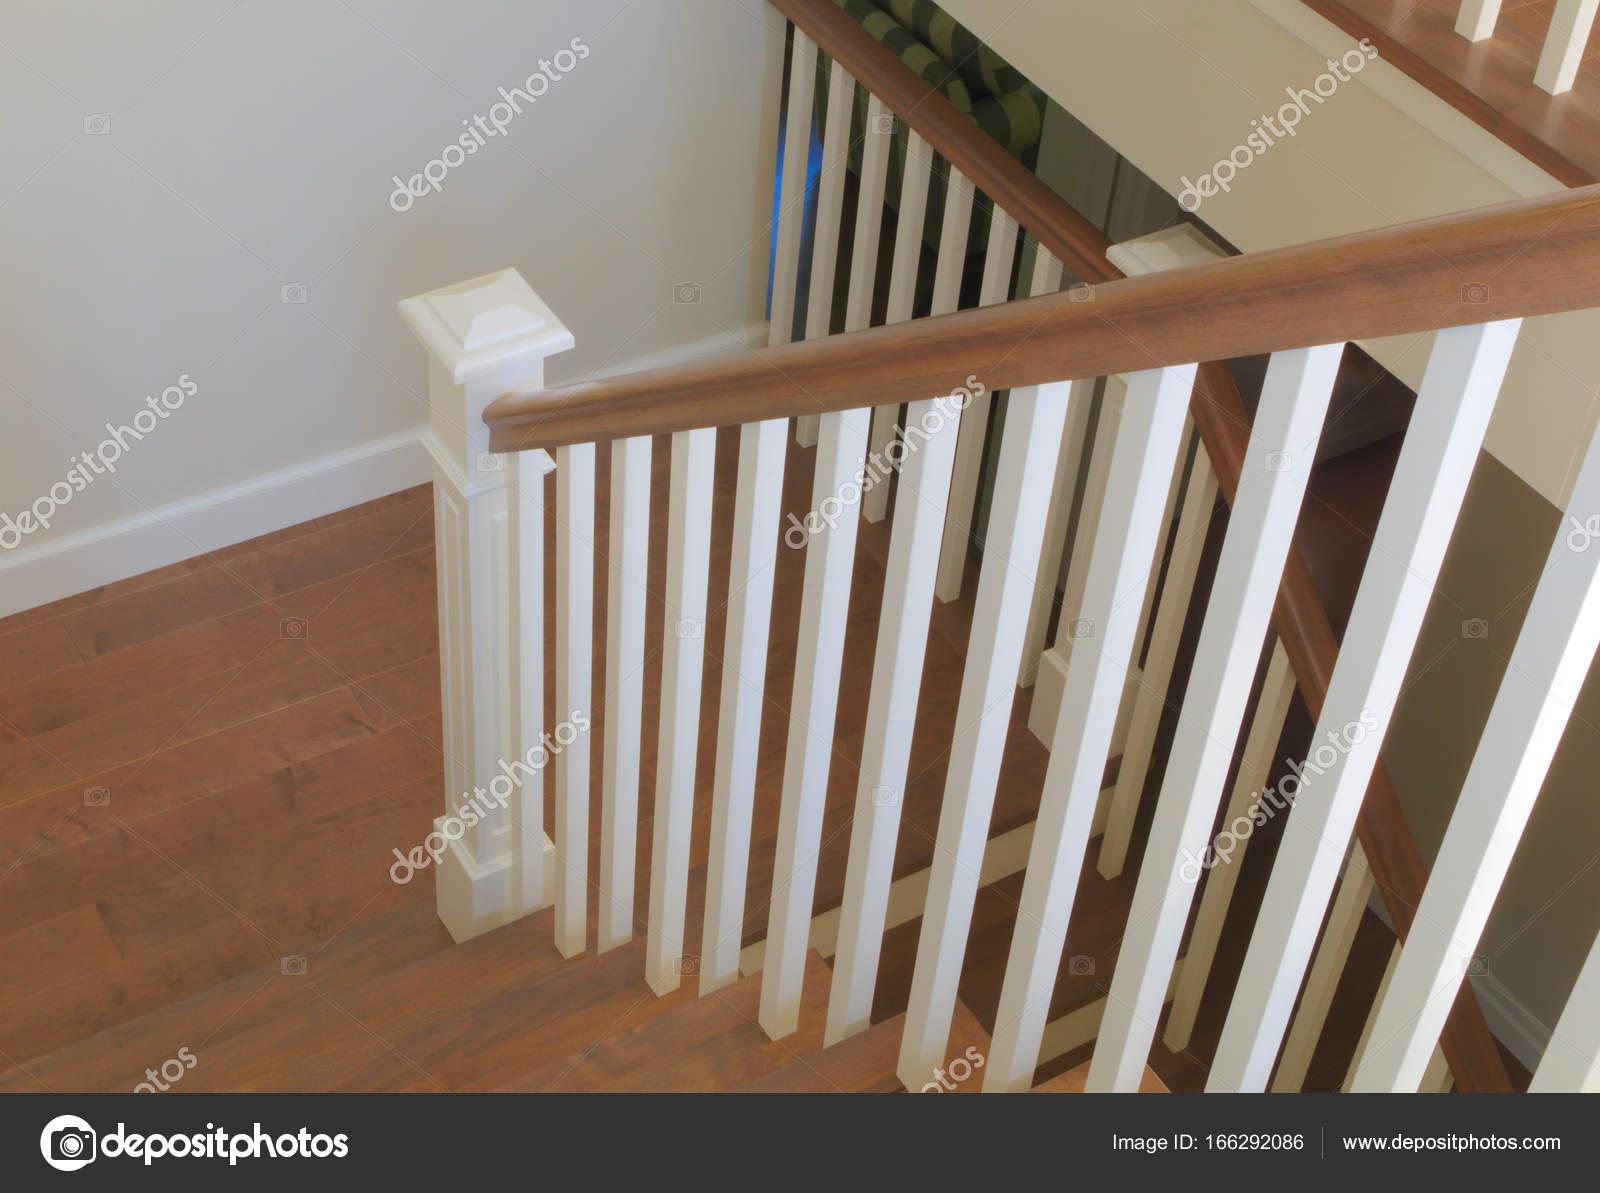 Interieur trappen klassieke houten stijl moderne trap u stockfoto